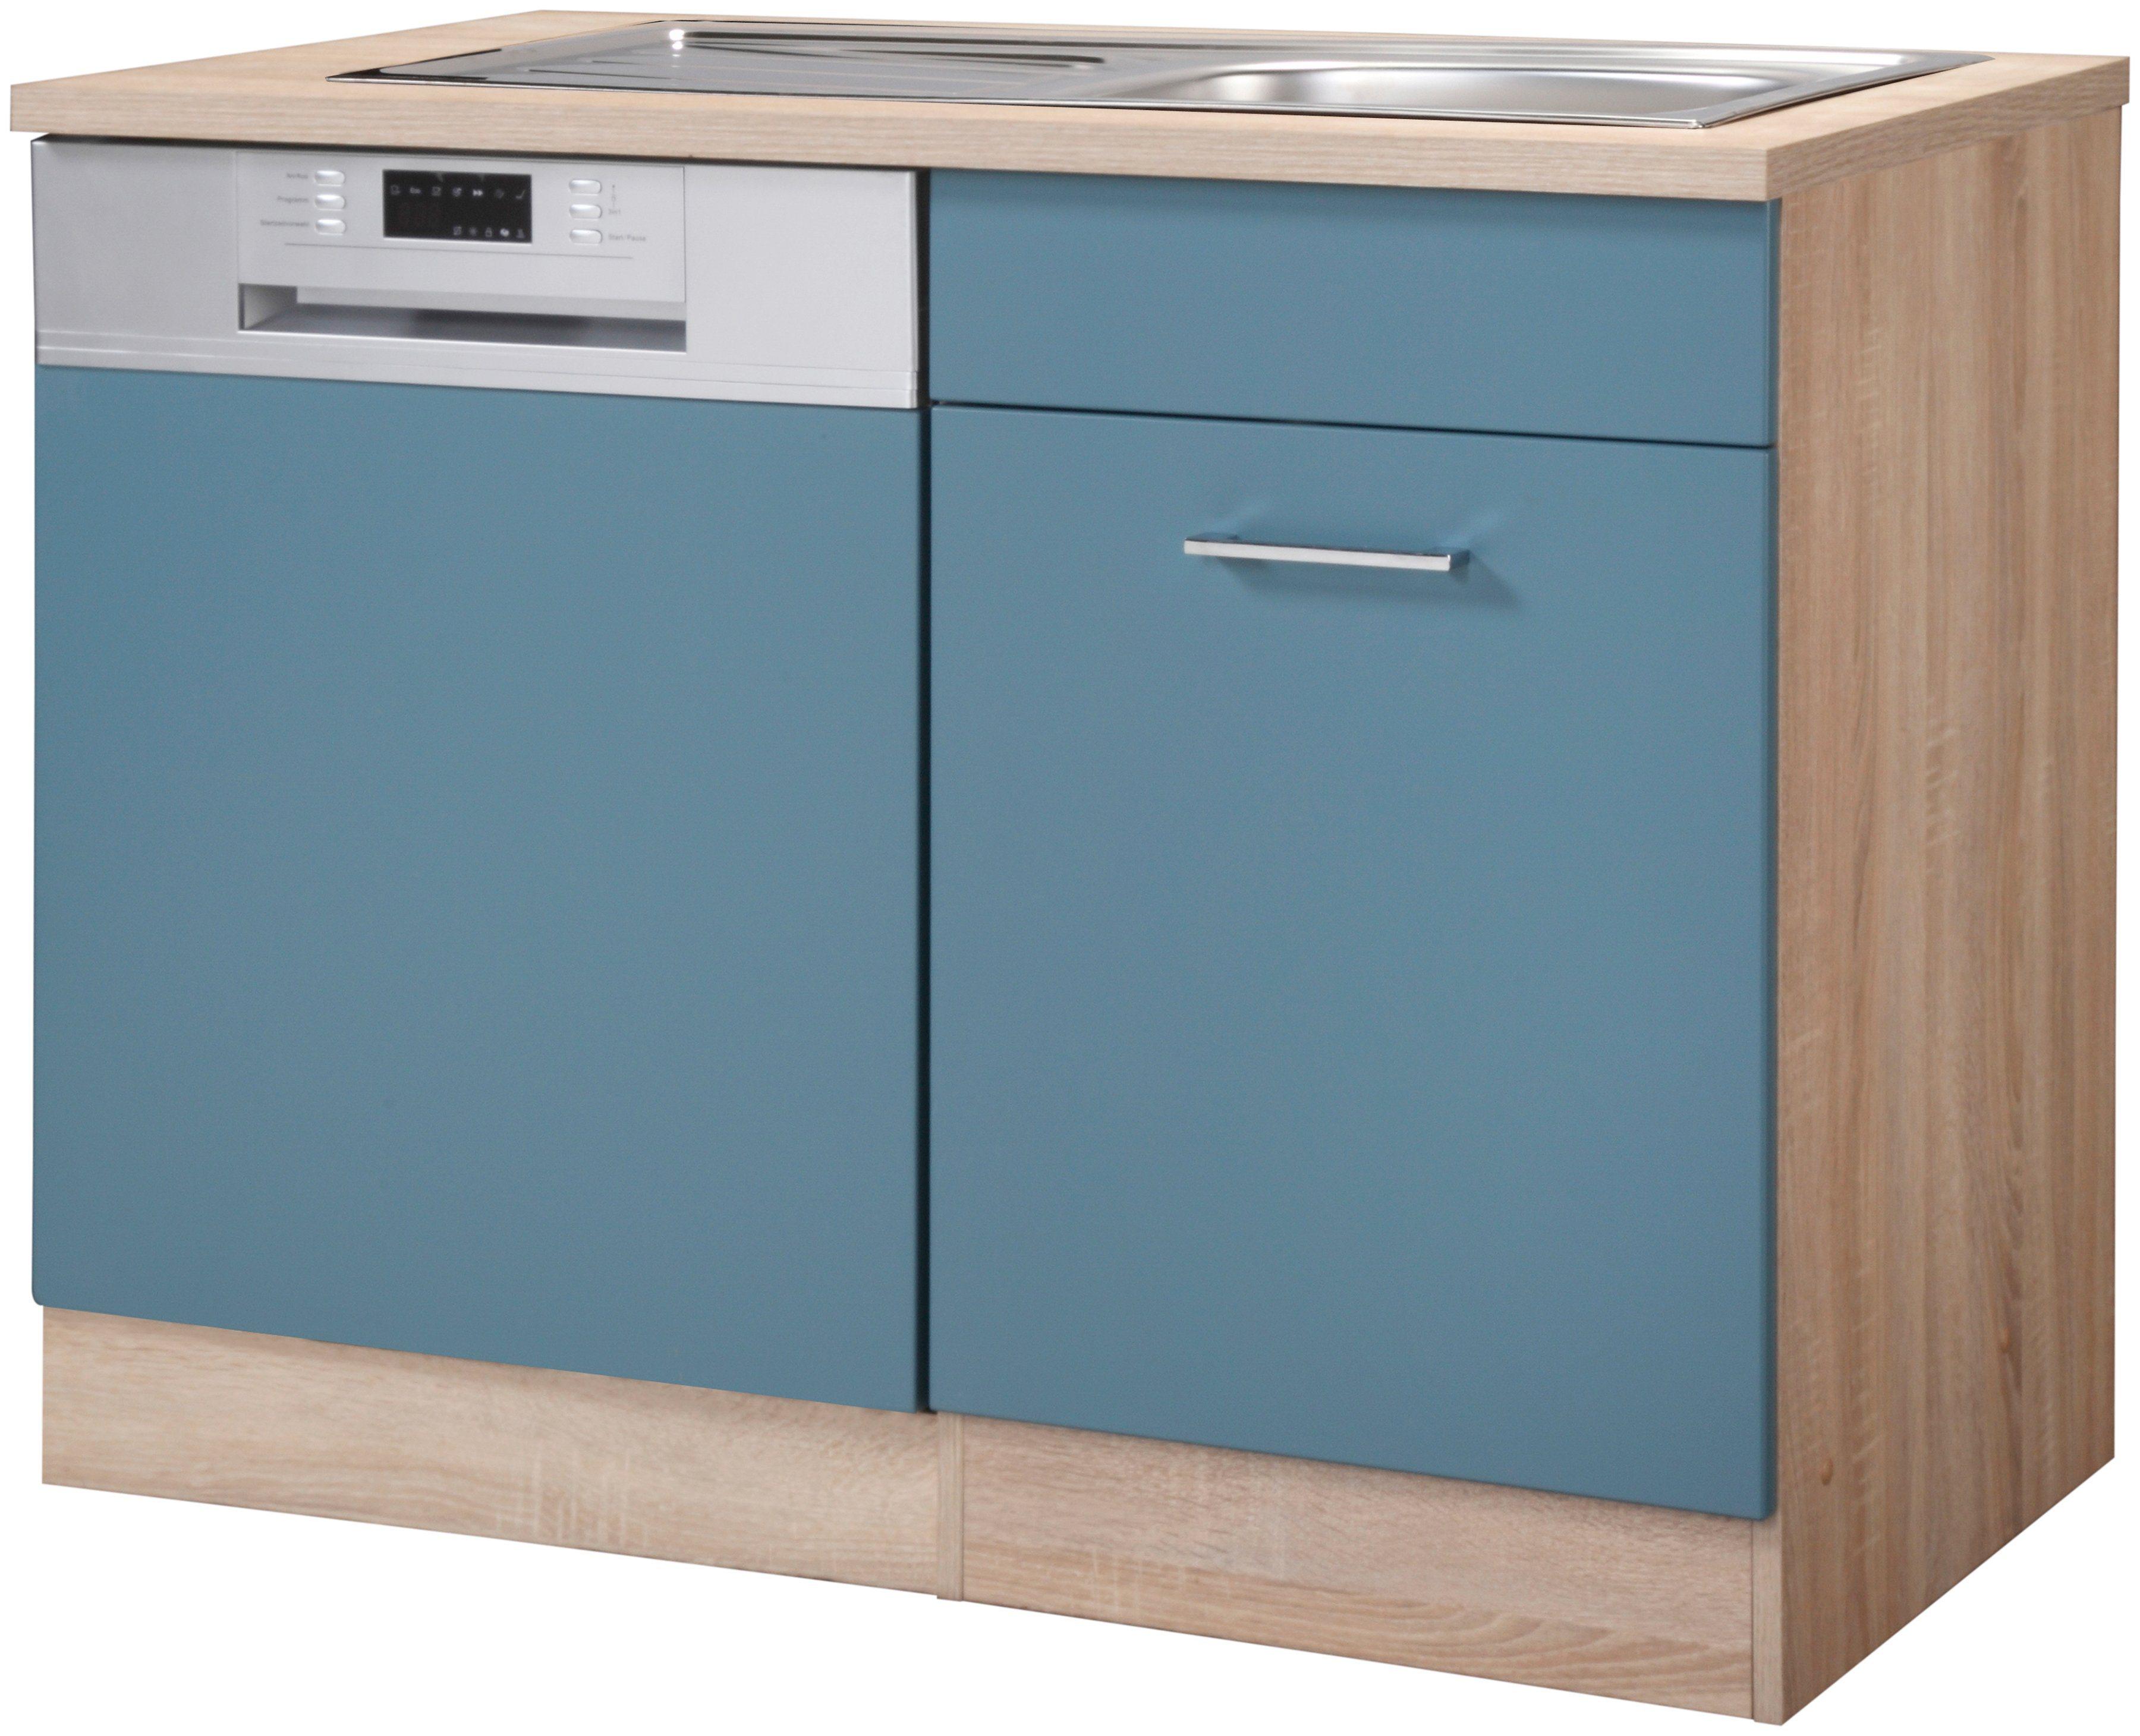 HELD MÖBEL Spülenschrank »Prato, Breite 110 cm« | Küche und Esszimmer > Küchenschränke > Spülenschränke | Holzwerkstoff - Edelstahl | HELD MÖBEL